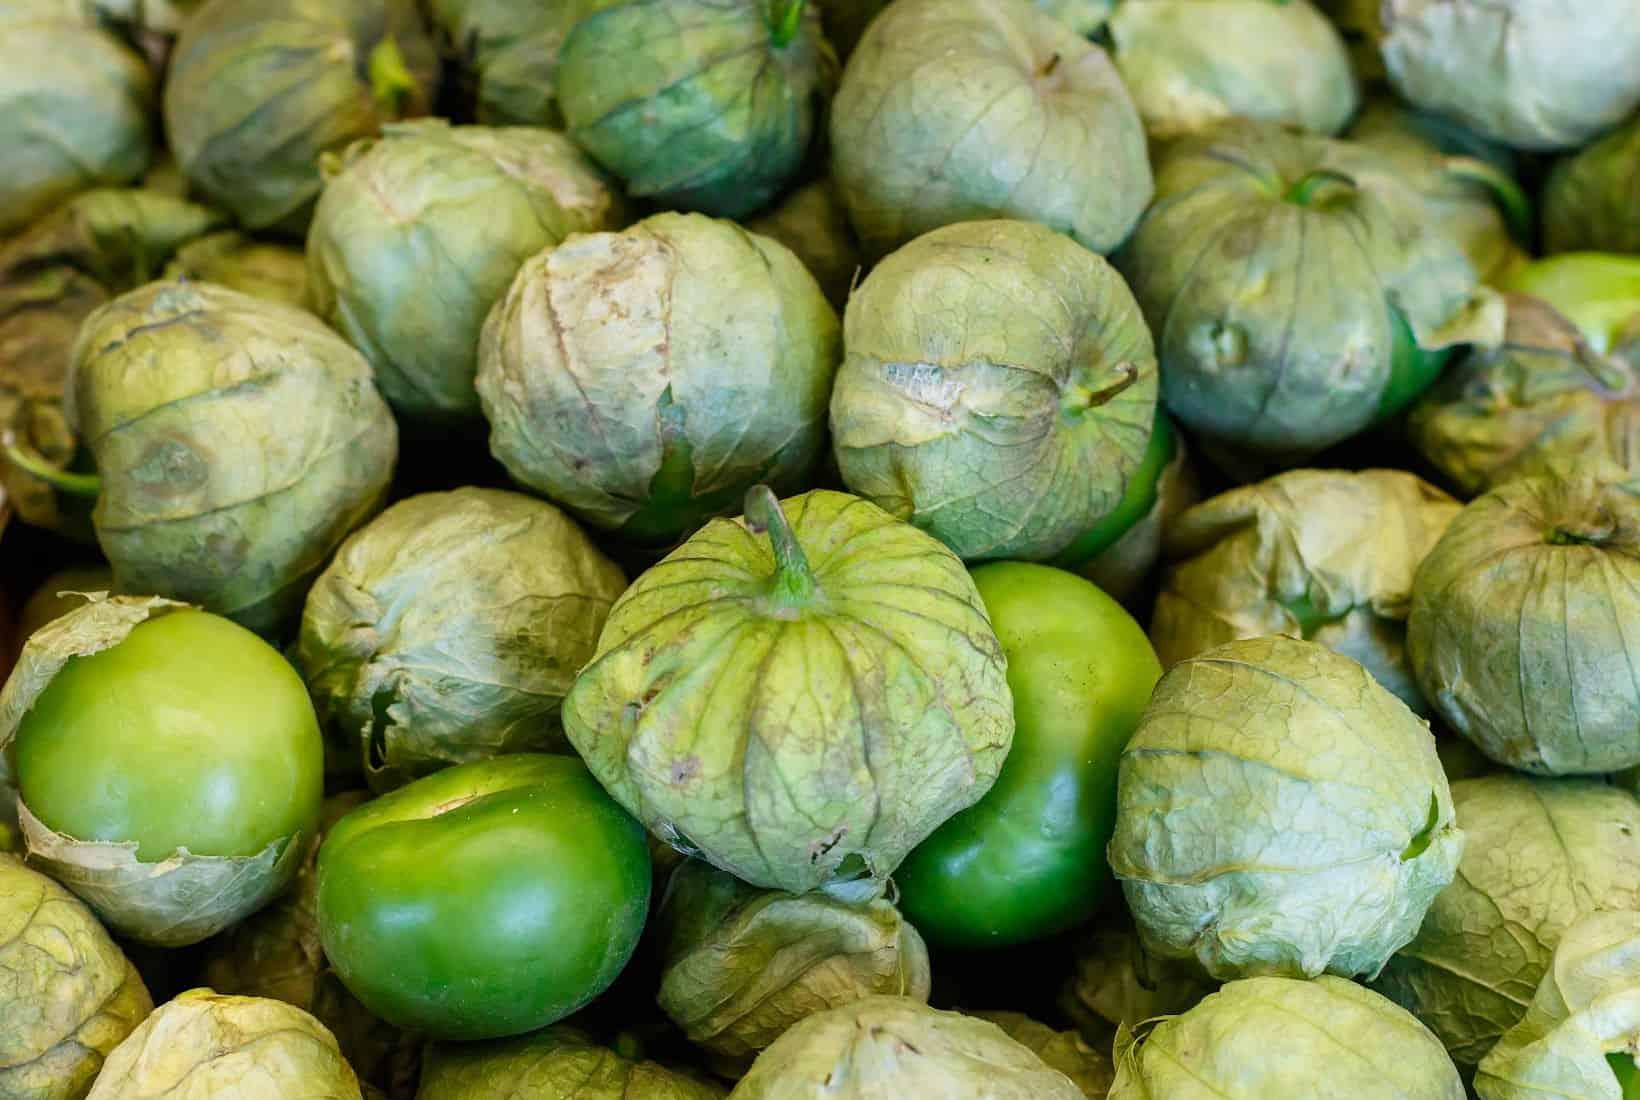 Tomatillos from shutterstock